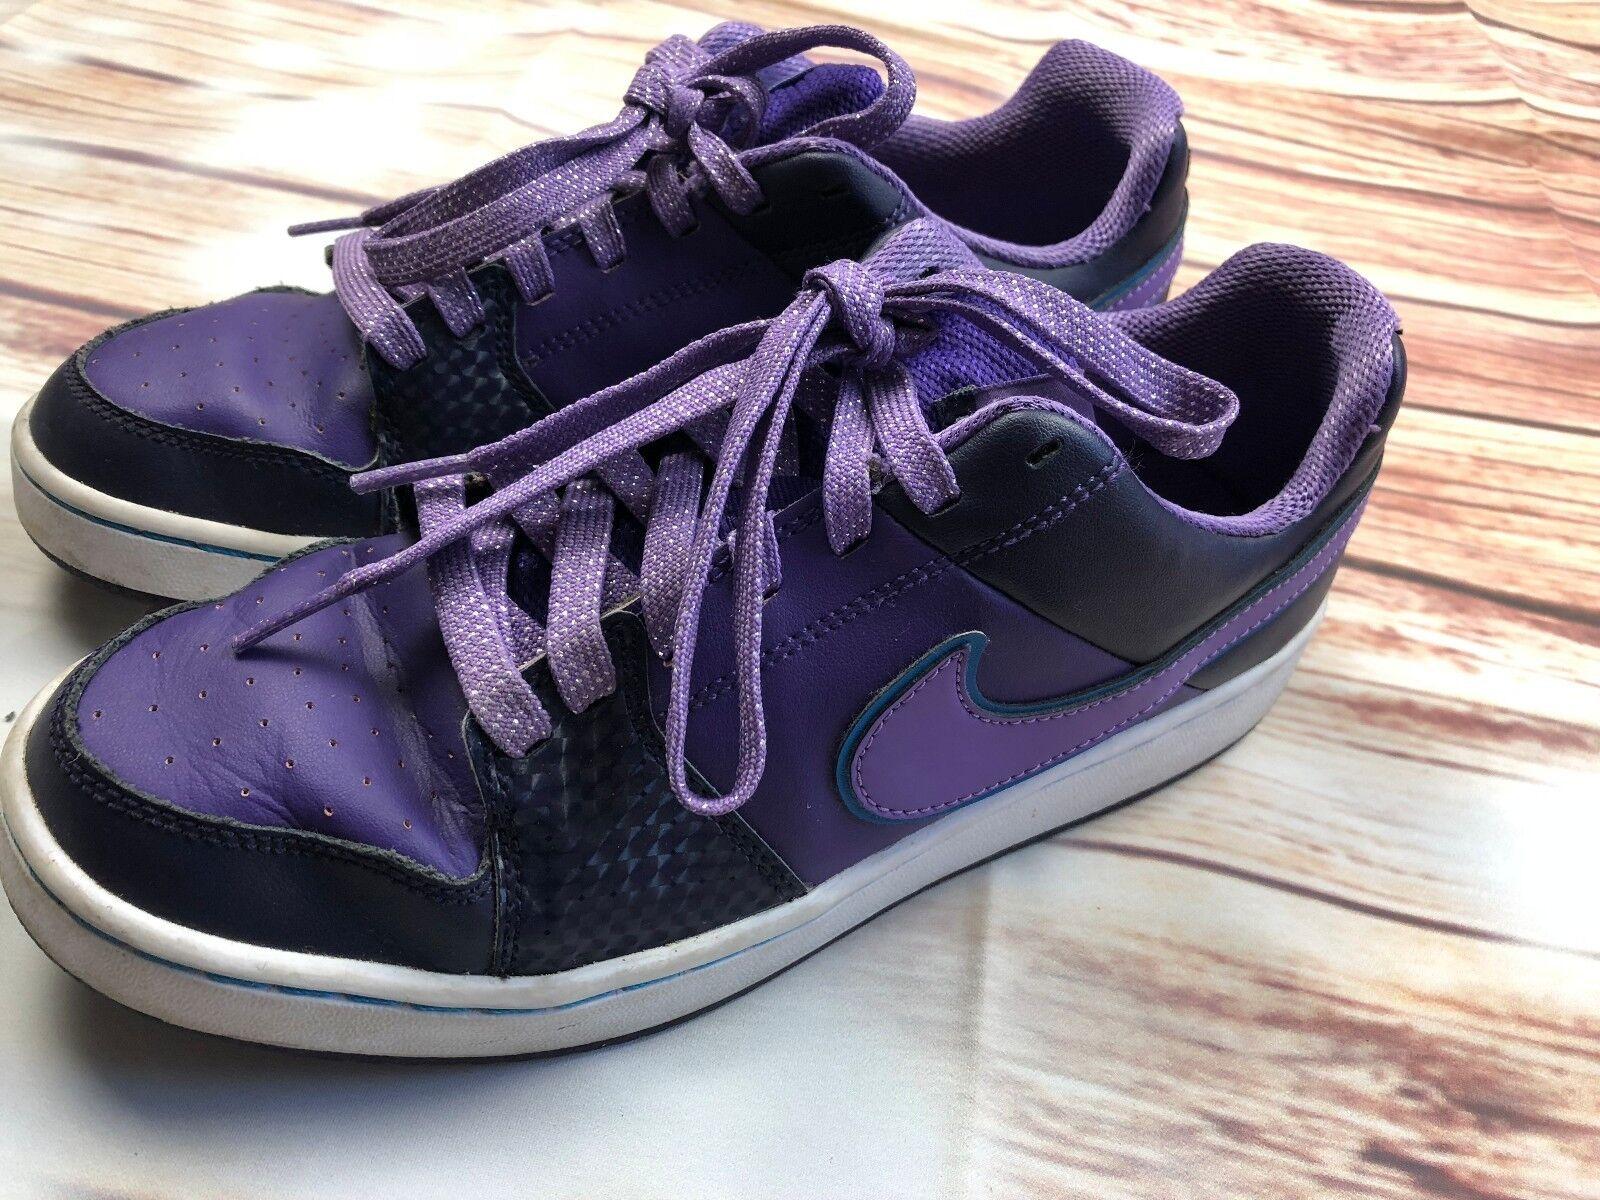 Le donne donne donne scarpe nike lace-up nero il Coloreeee viola scarpe taglia | Alta qualità e basso sforzo  268a12